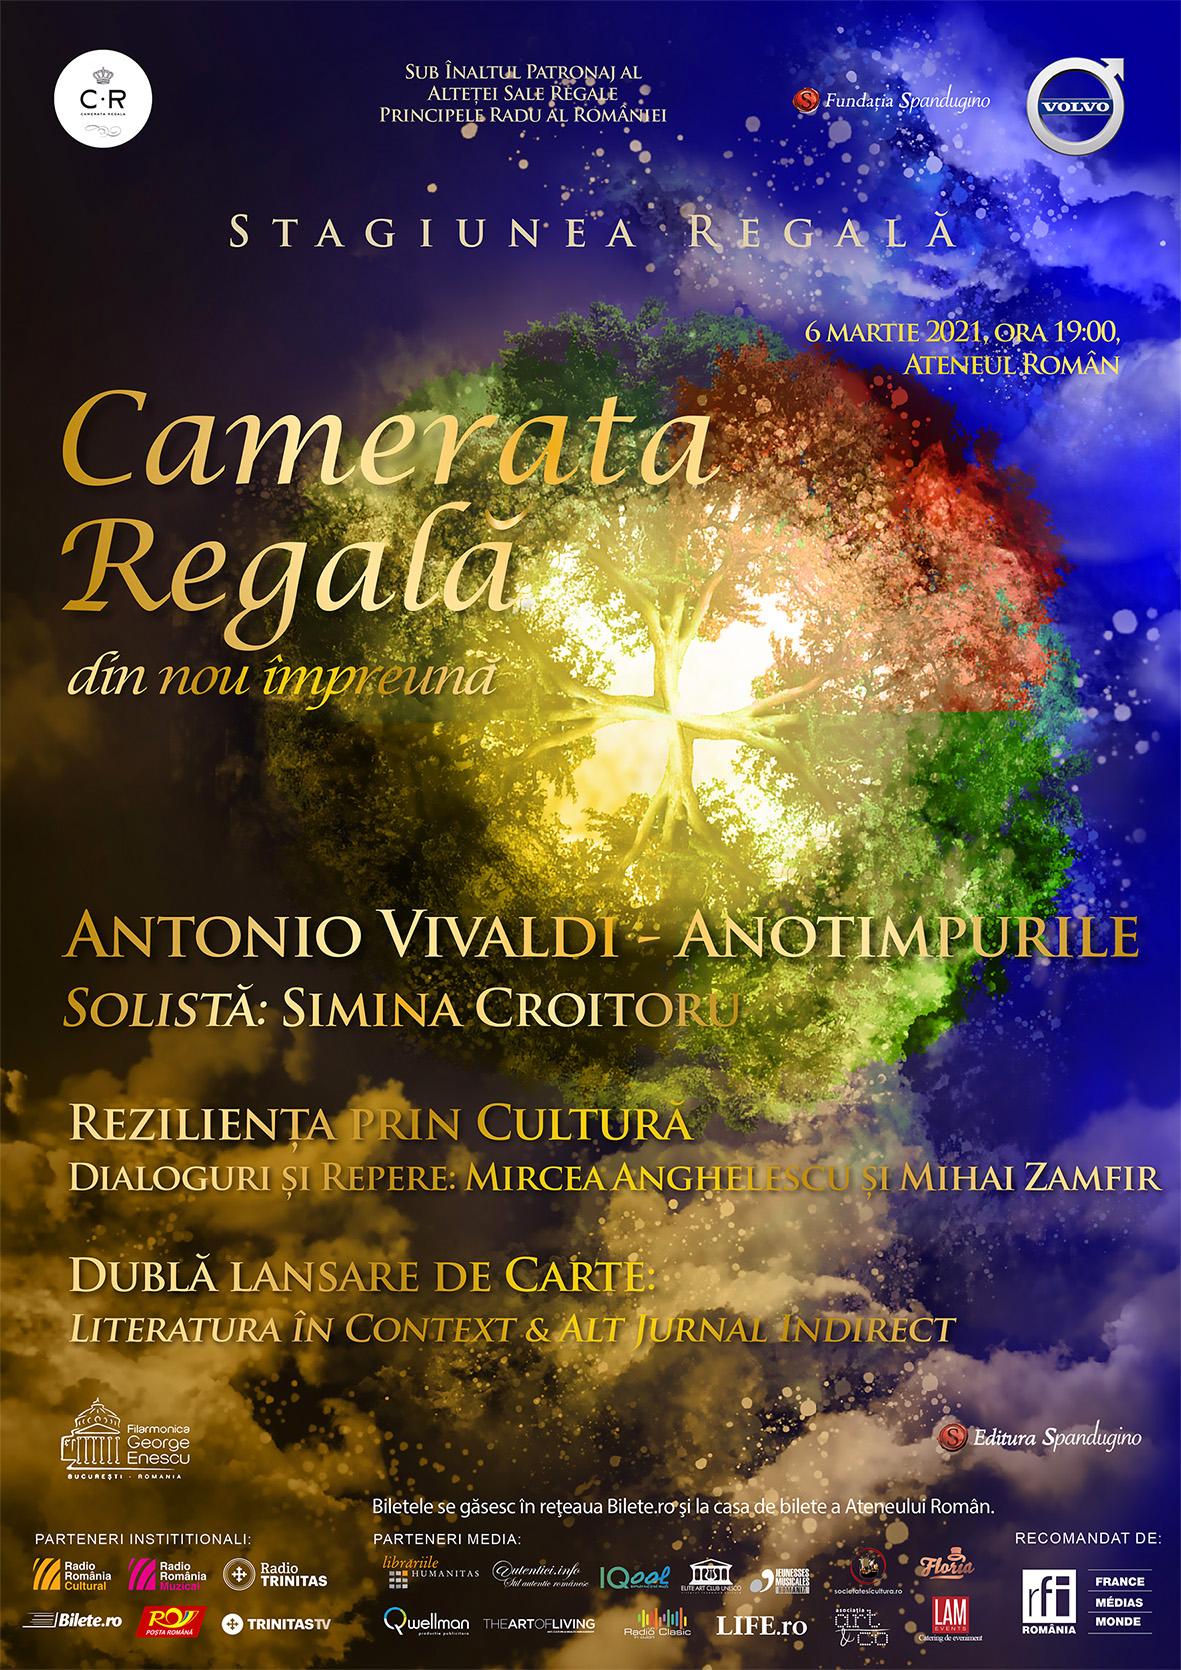 Editura Spandugino: Dublă lansare de carte. Reziliența prin cultură. Dialoguri și repere